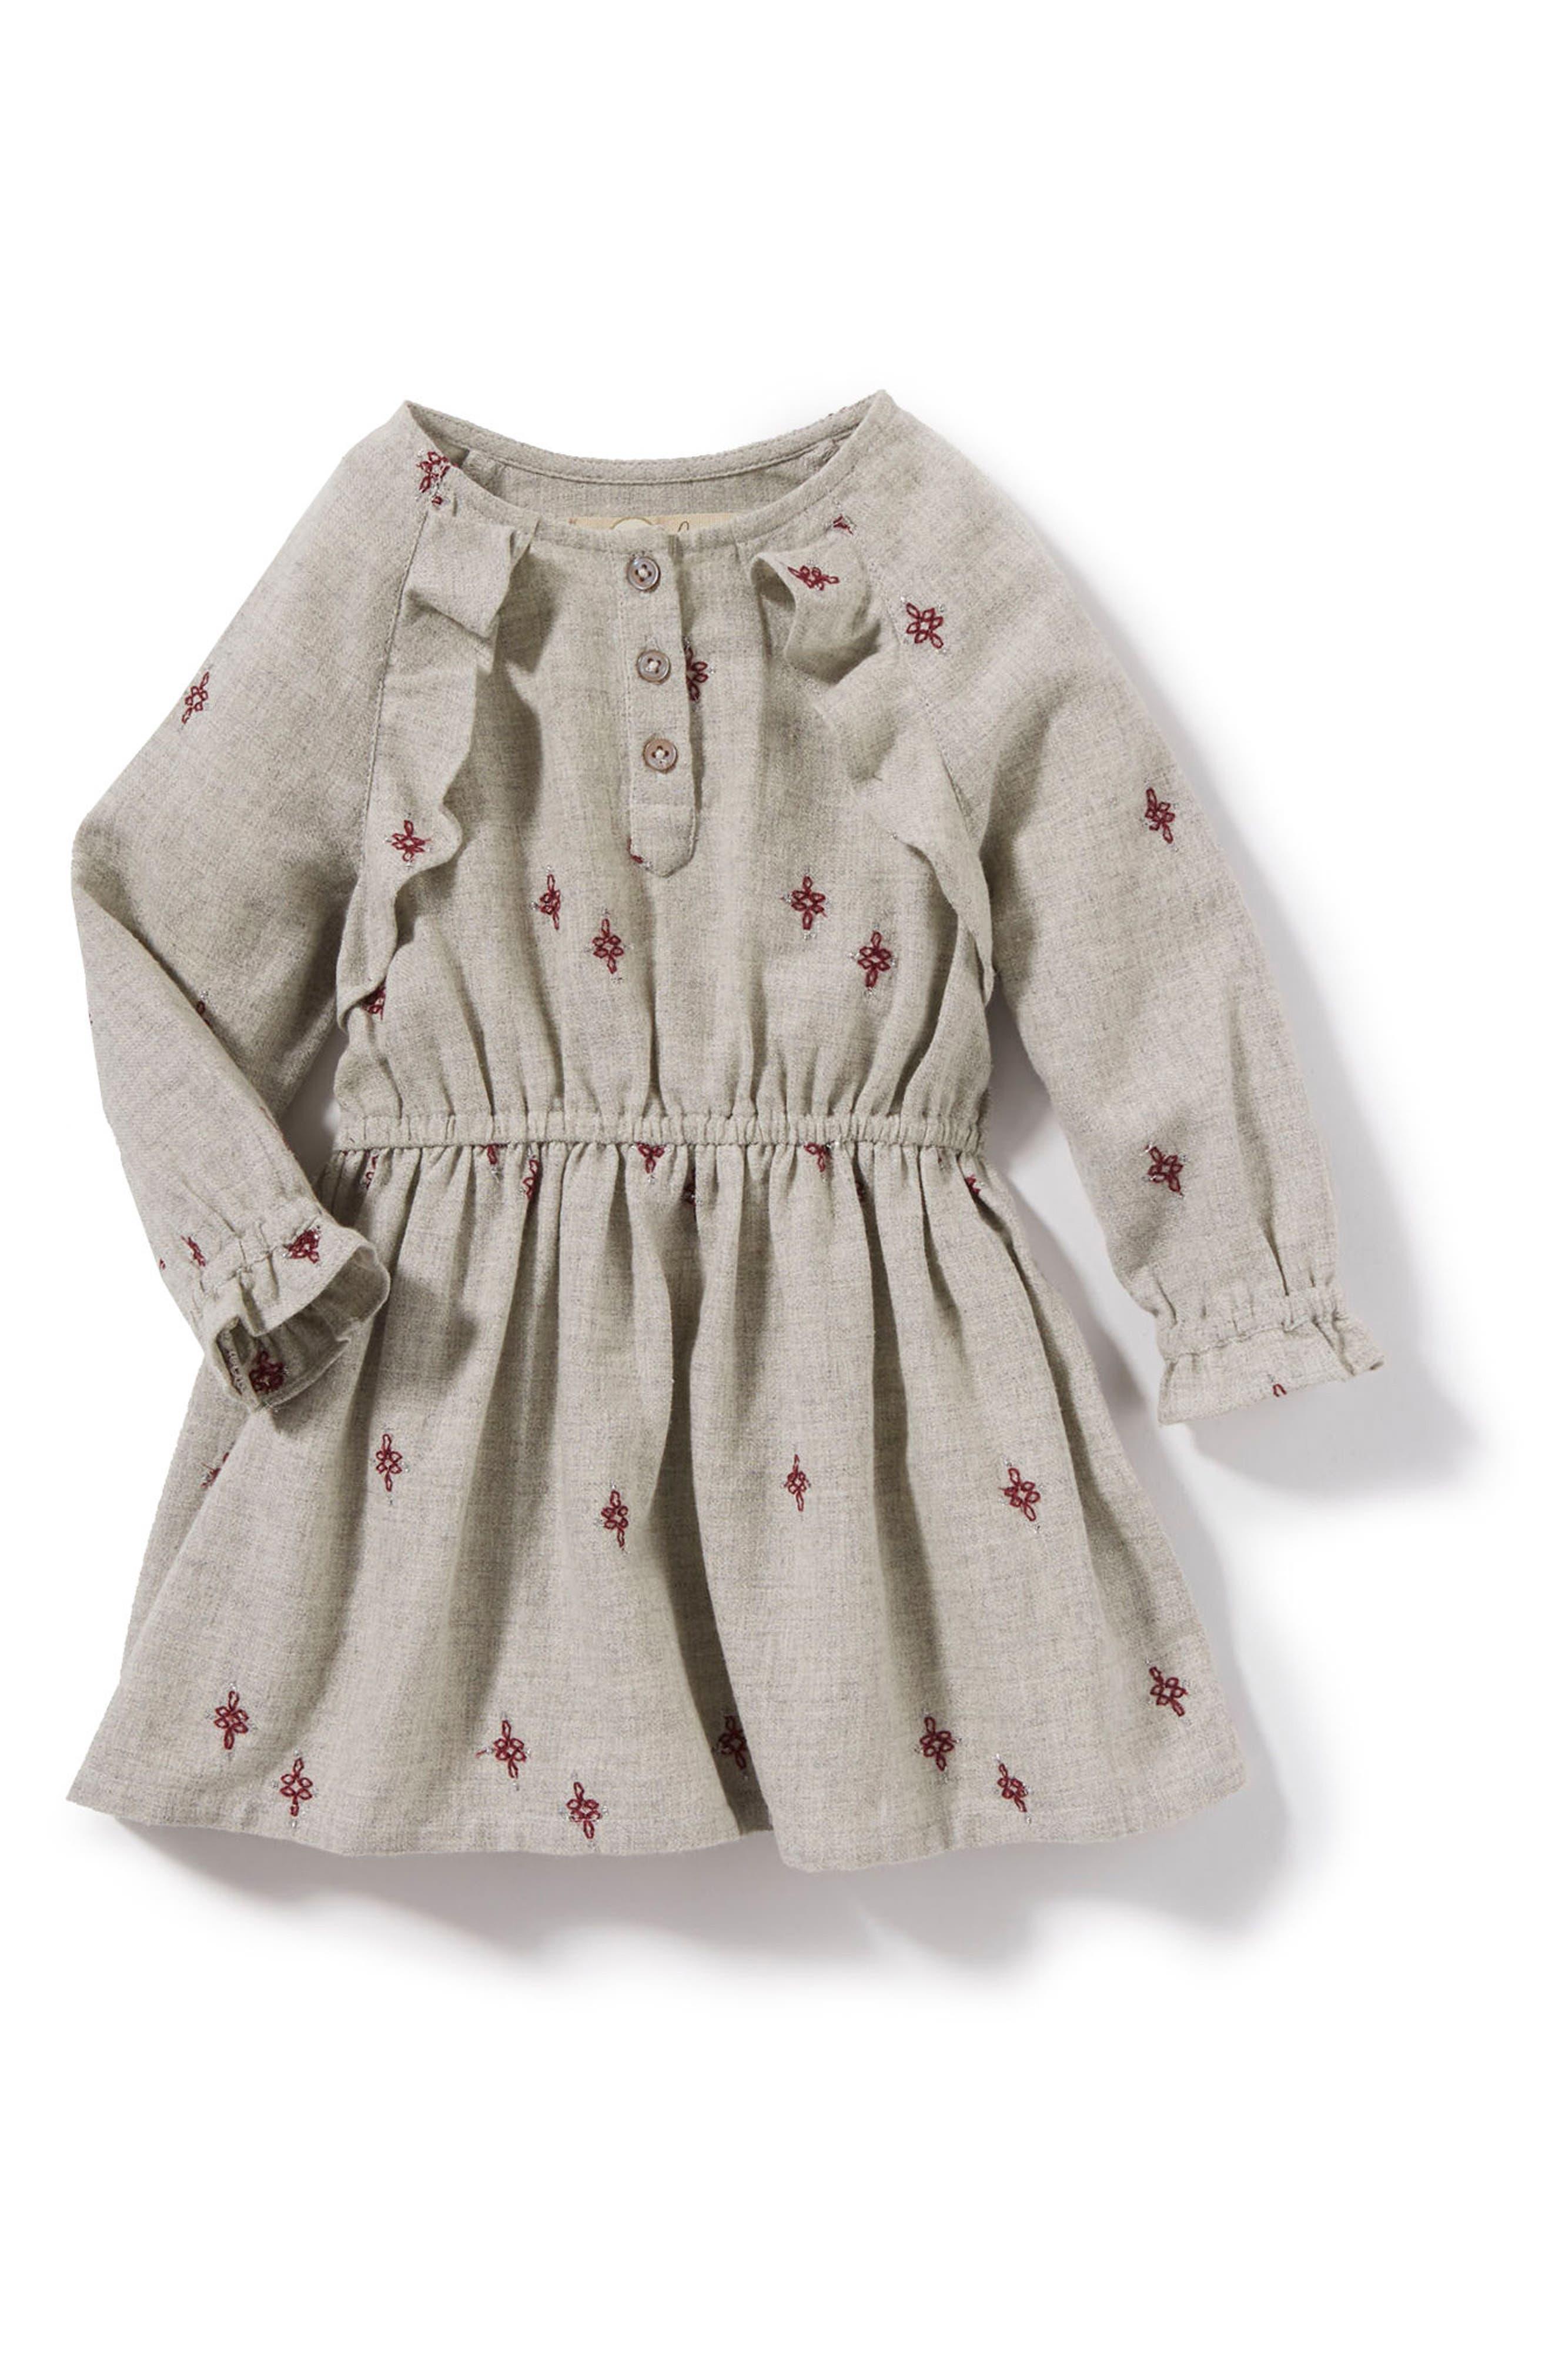 Main Image - Peek Janie Dress (Baby Girls)